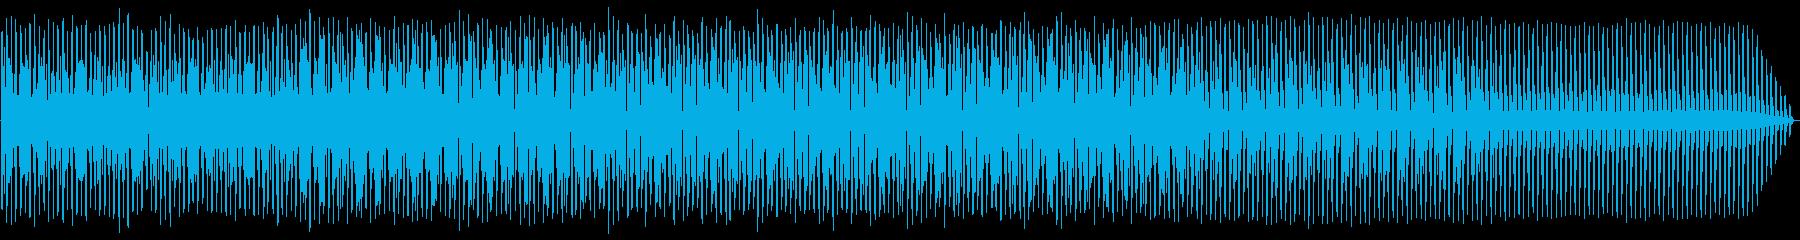 エレクトロハウス。ループ。繰り返します。の再生済みの波形